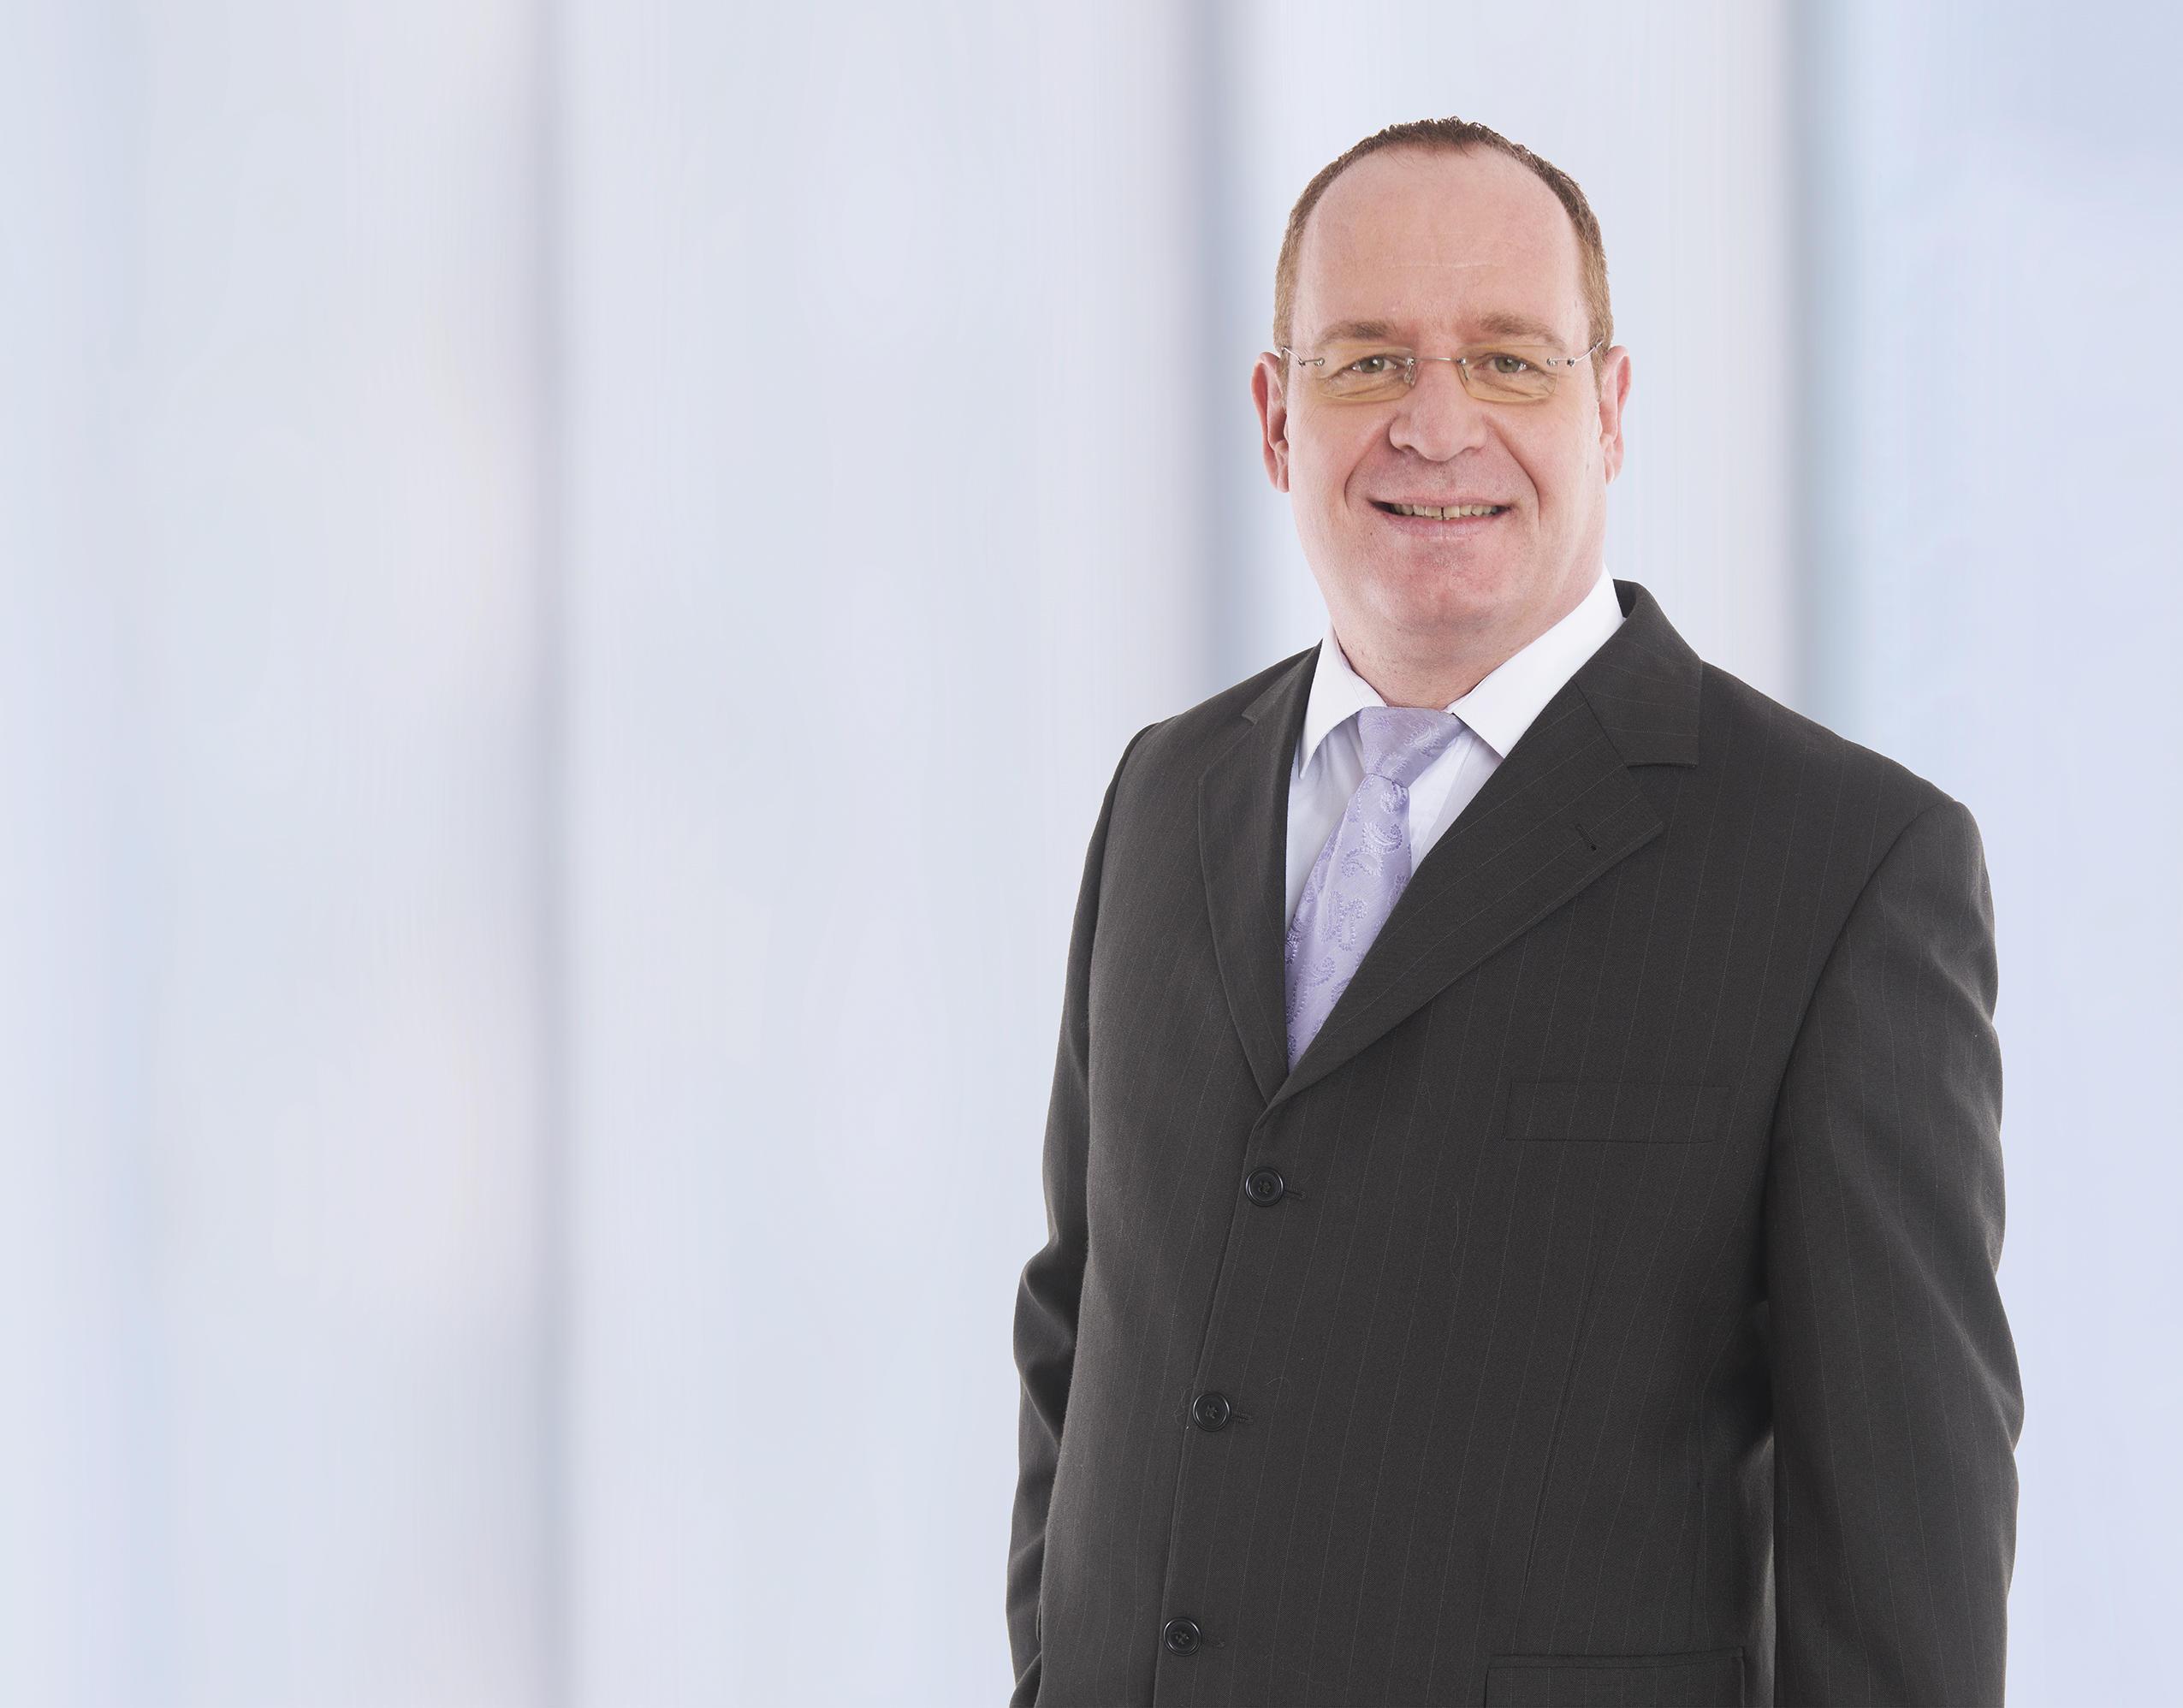 Barmenia Versicherung - Dieter Jankowski, Wentzinger Str. 11 in Ehrenkirchen